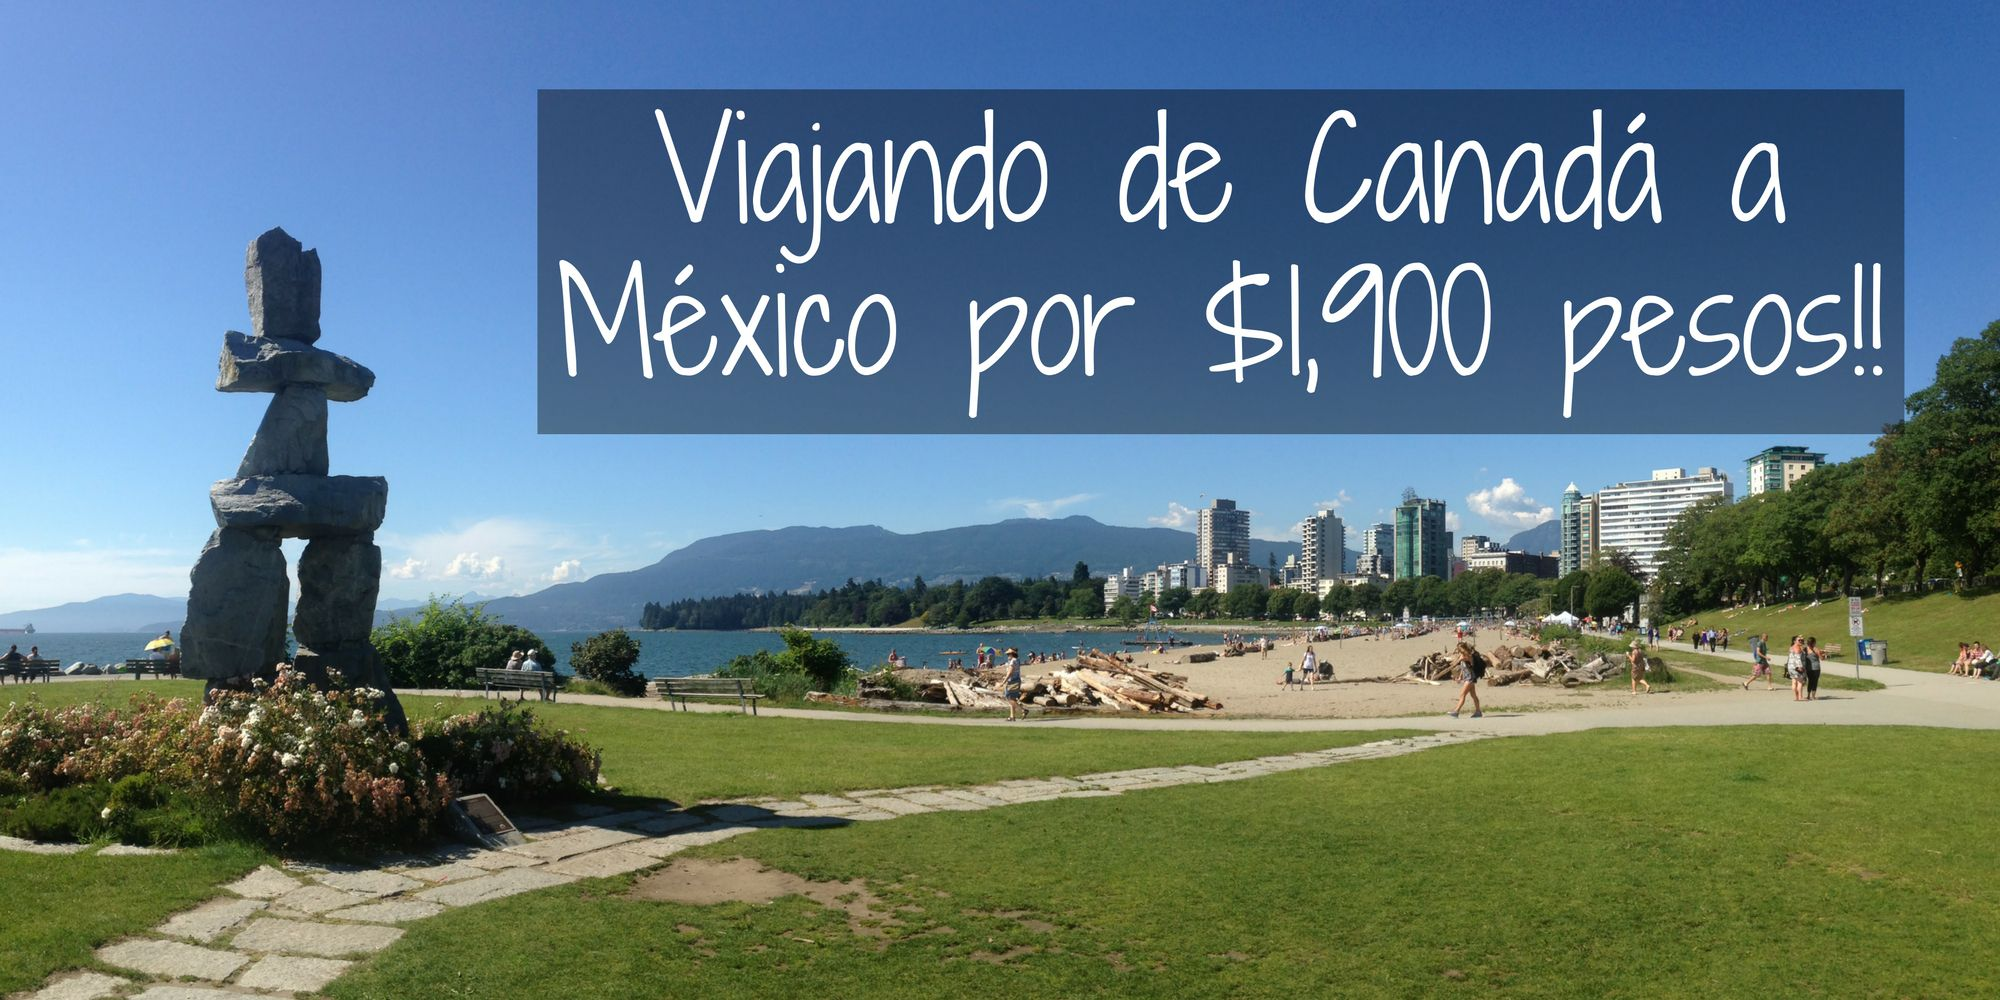 Cómo viajar de Canadá a México por $1,900 pesos!